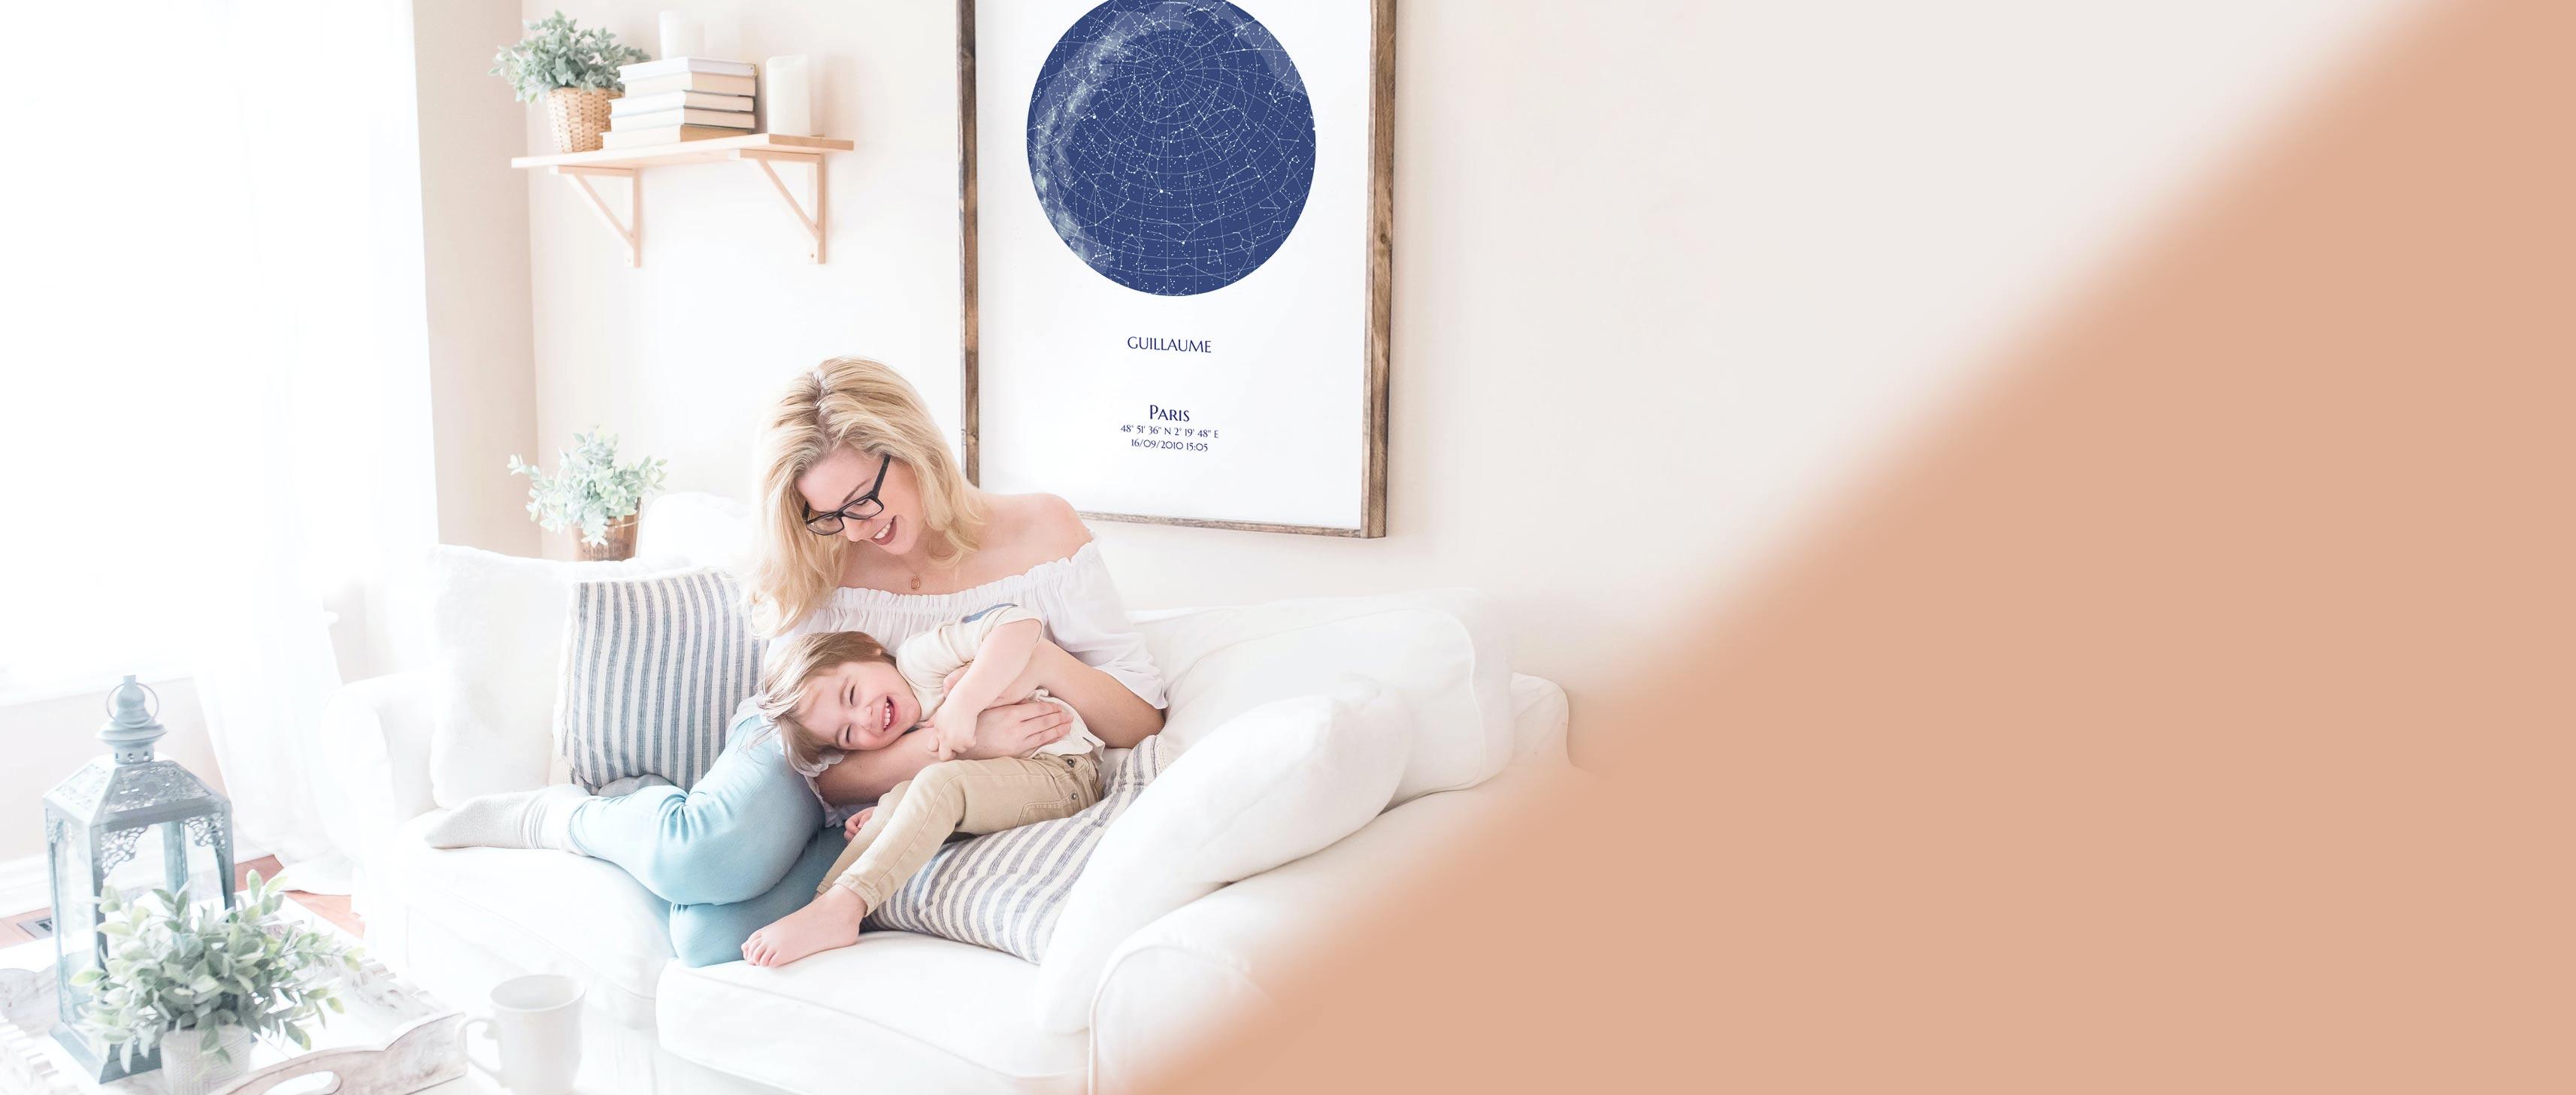 Carte des étoiles personnalisée accrochée au mur au dessus d'un canapé où une femme joue avec son fils